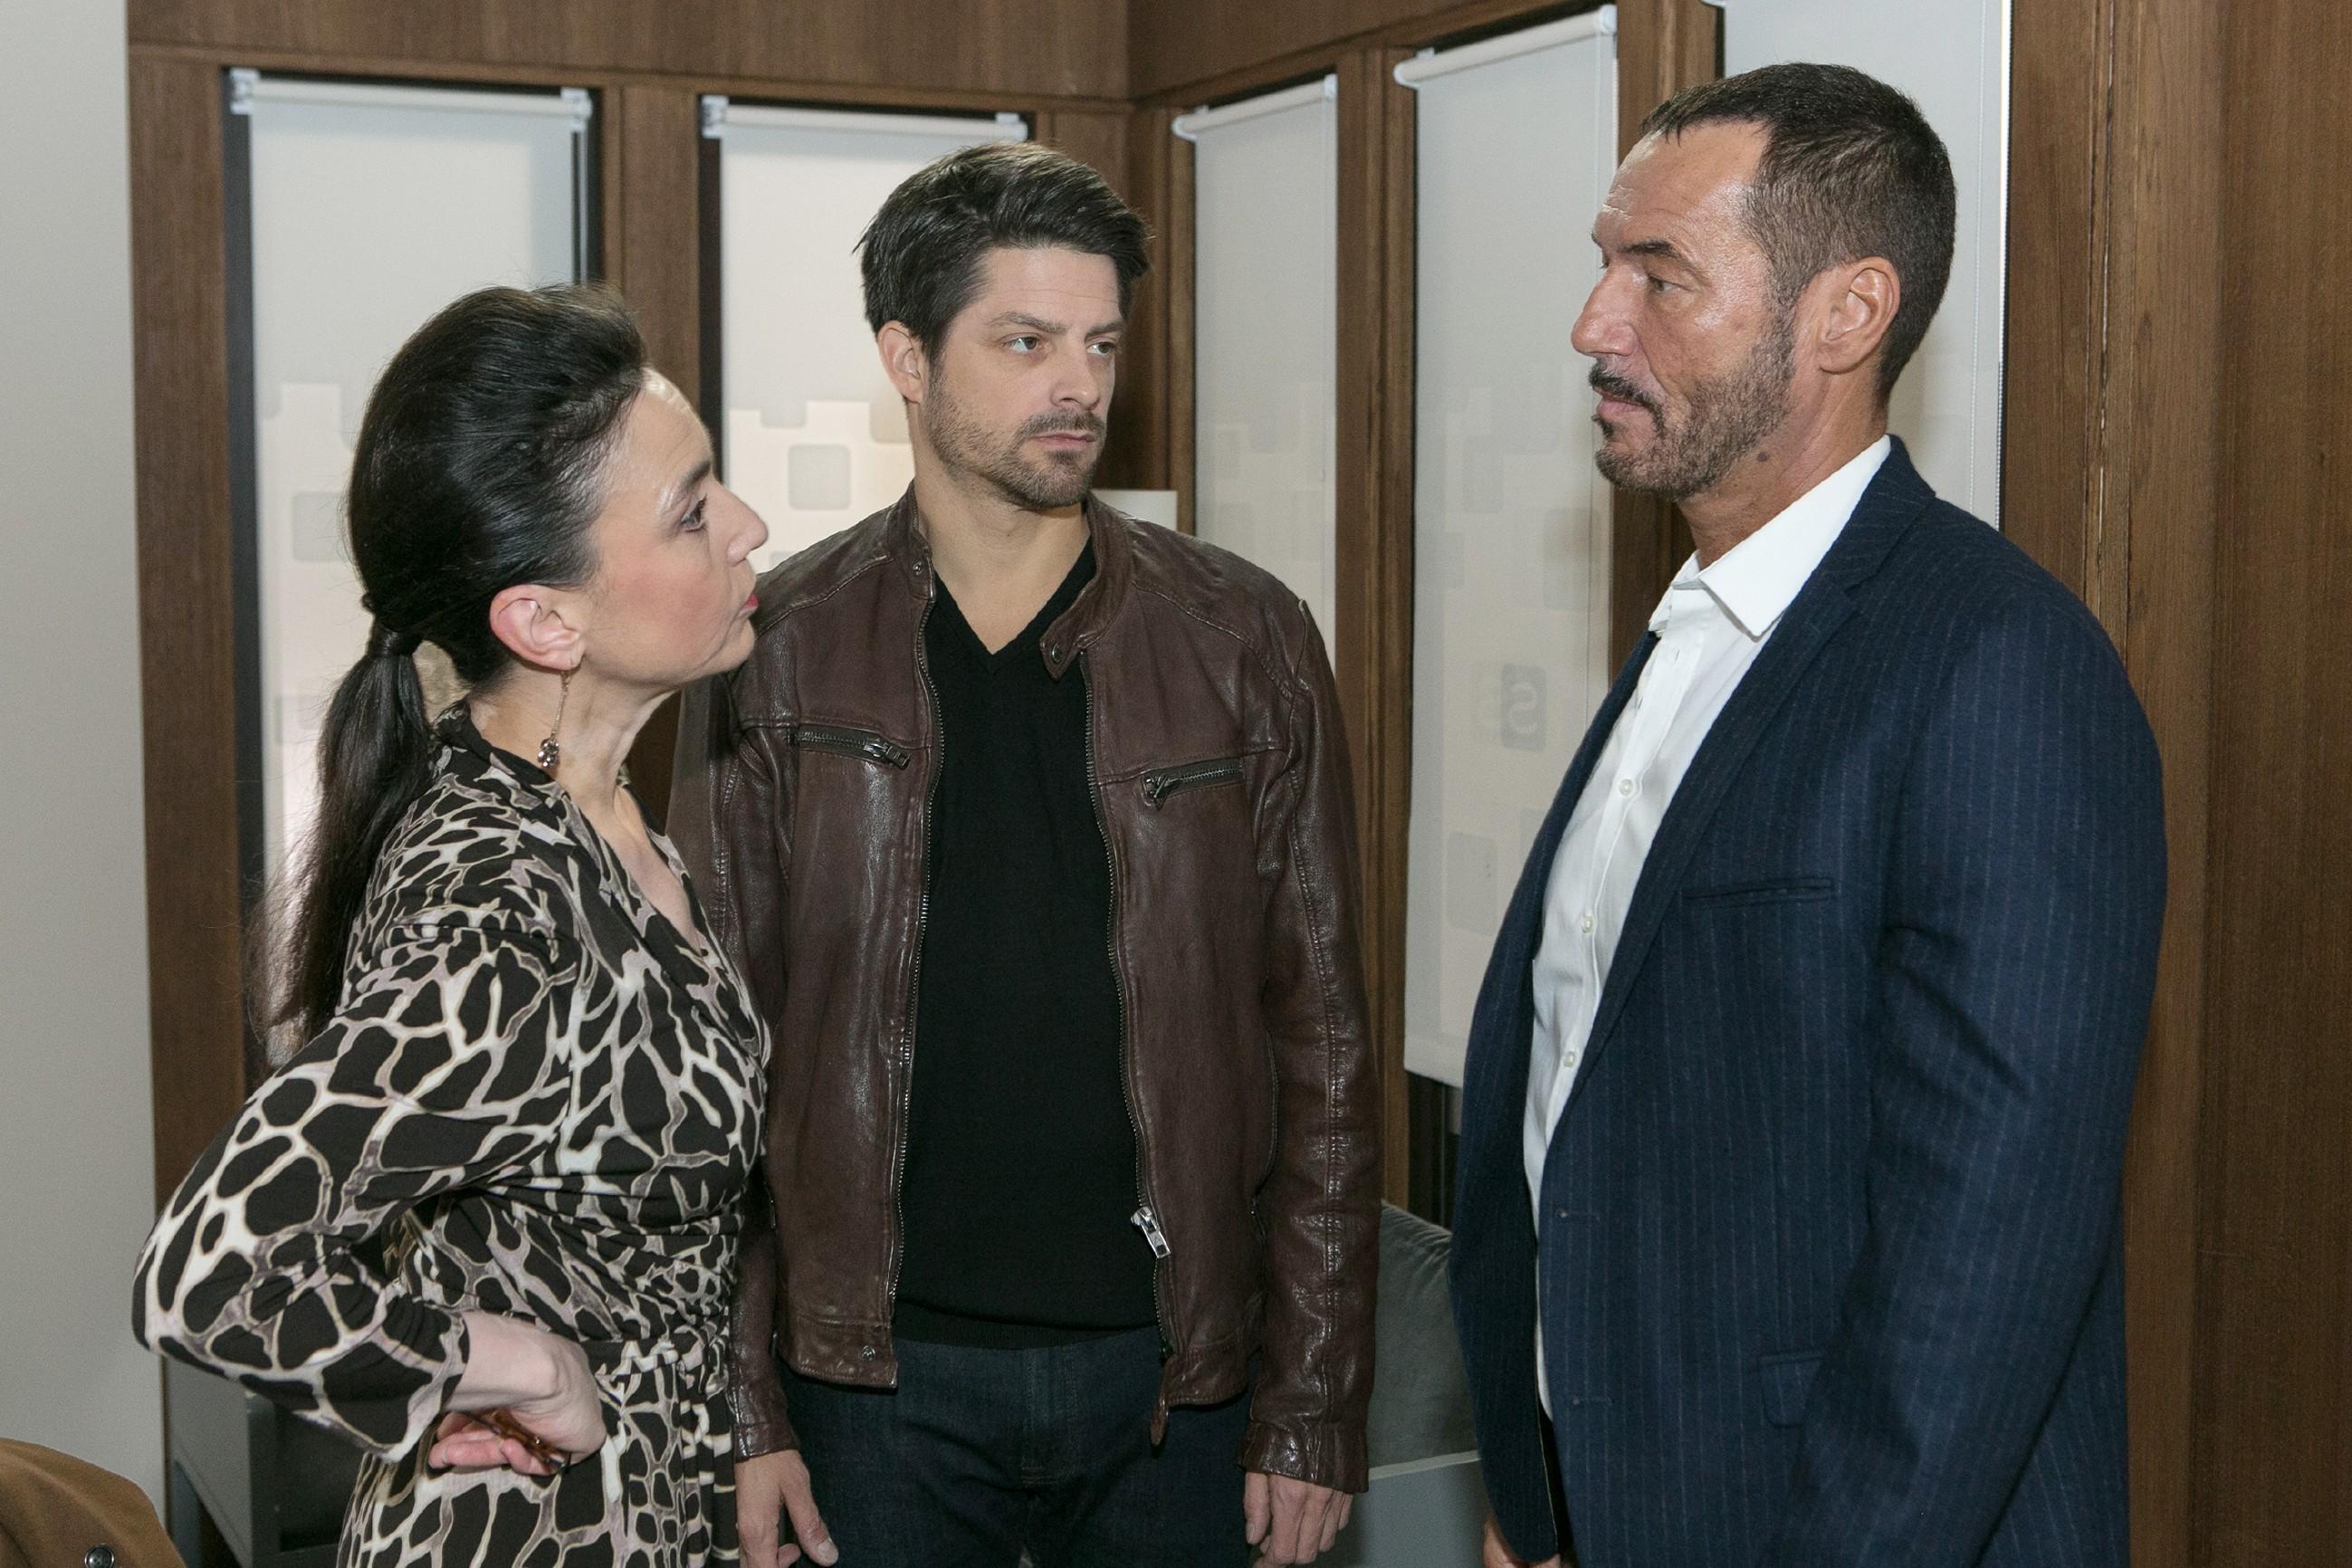 Richards (Silvan-Pierre Leirich, r.) Misstrauen wird geweckt, als ihm auffällt, wie vertraulich Vincent (Daniel Buder) die Nähe von Simone (Tatjana Clasing) sucht. (Quelle: RTL / Kai Schulz)